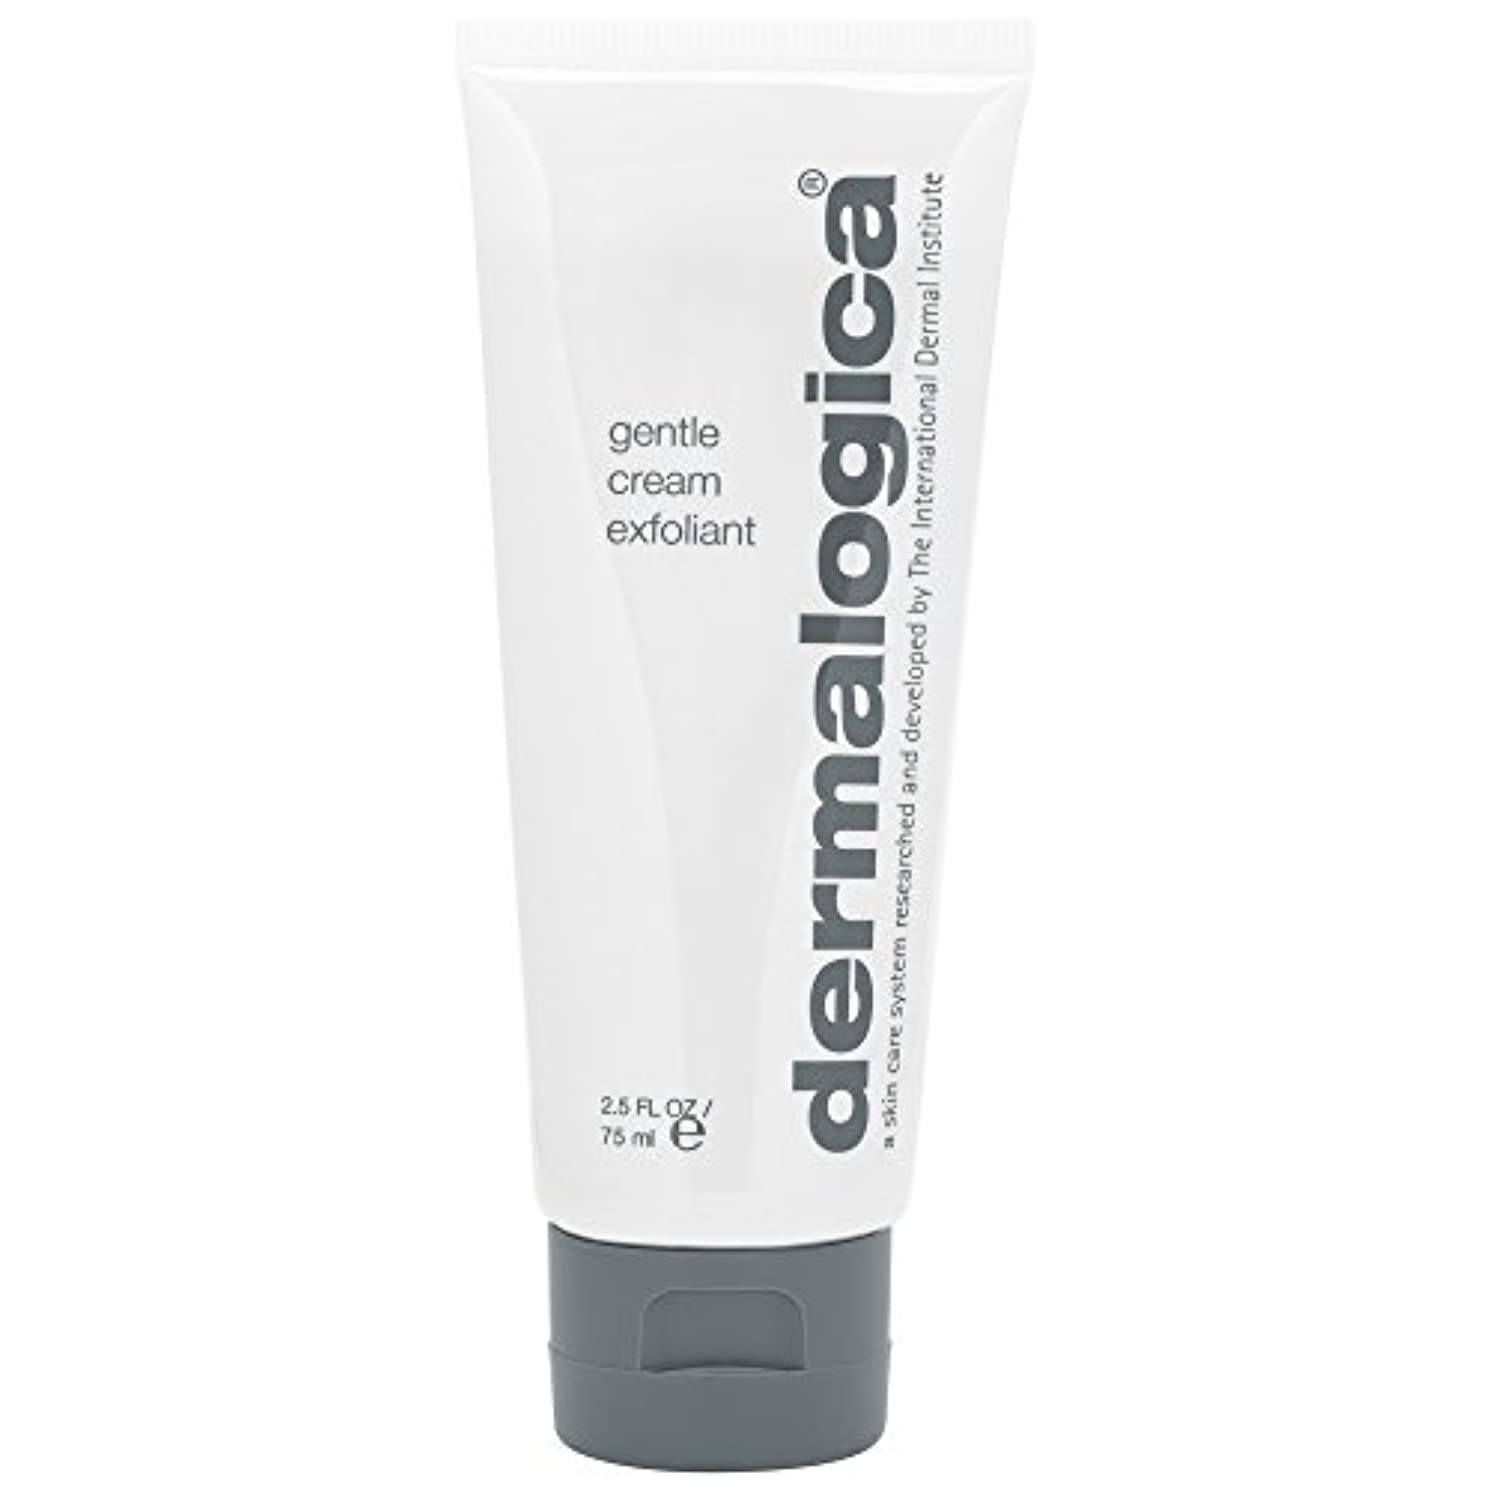 テクスチャー戻す寄生虫ダーマロジカ優しいクリーム剥脱75ミリリットル (Dermalogica) - Dermalogica Gentle Cream Exfoliant 75ml [並行輸入品]